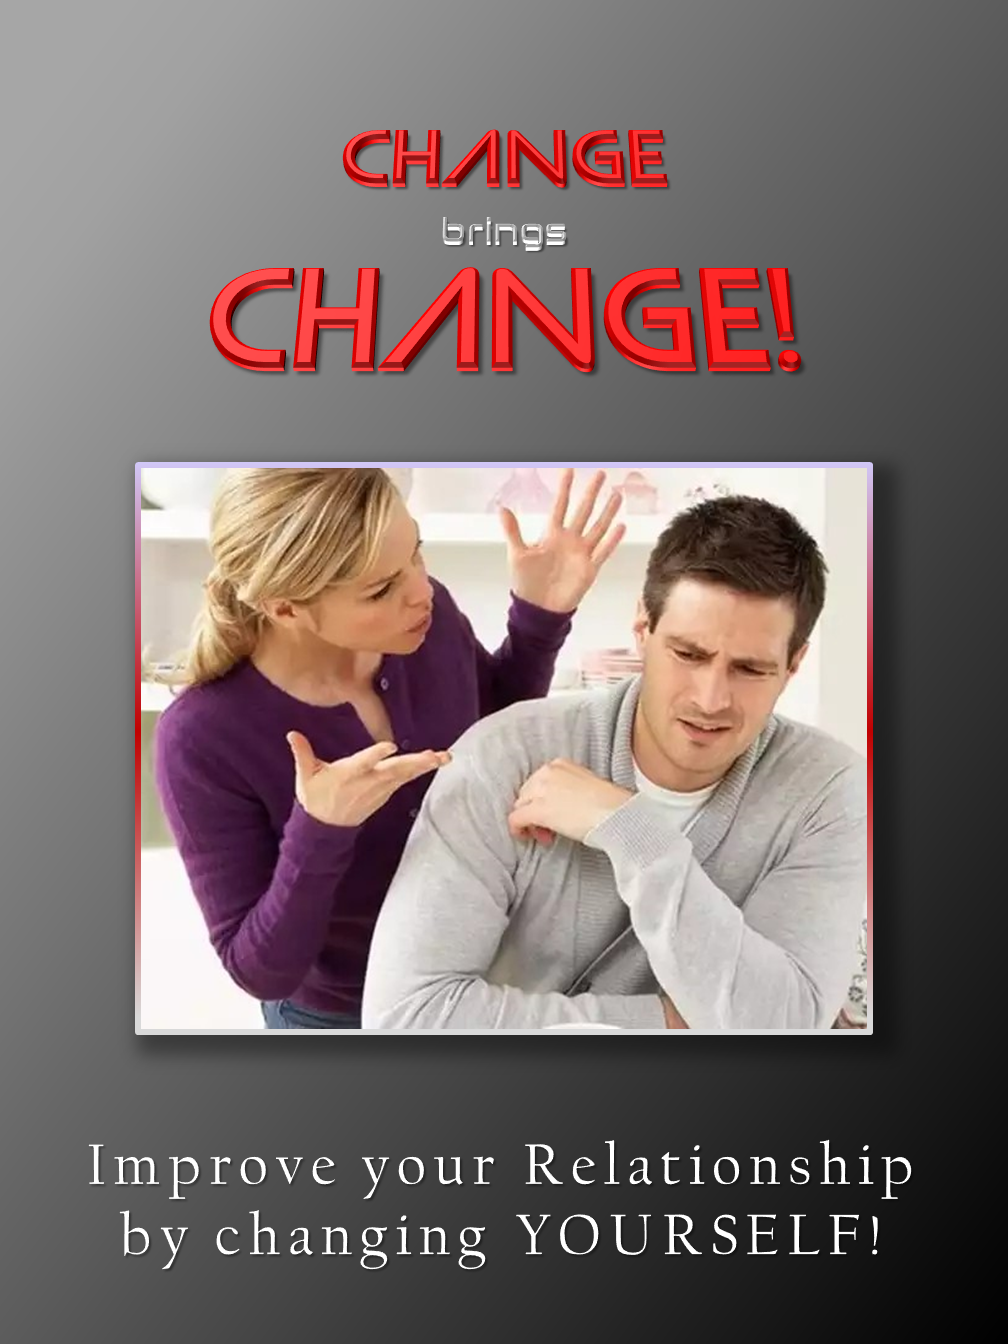 Change=Change!